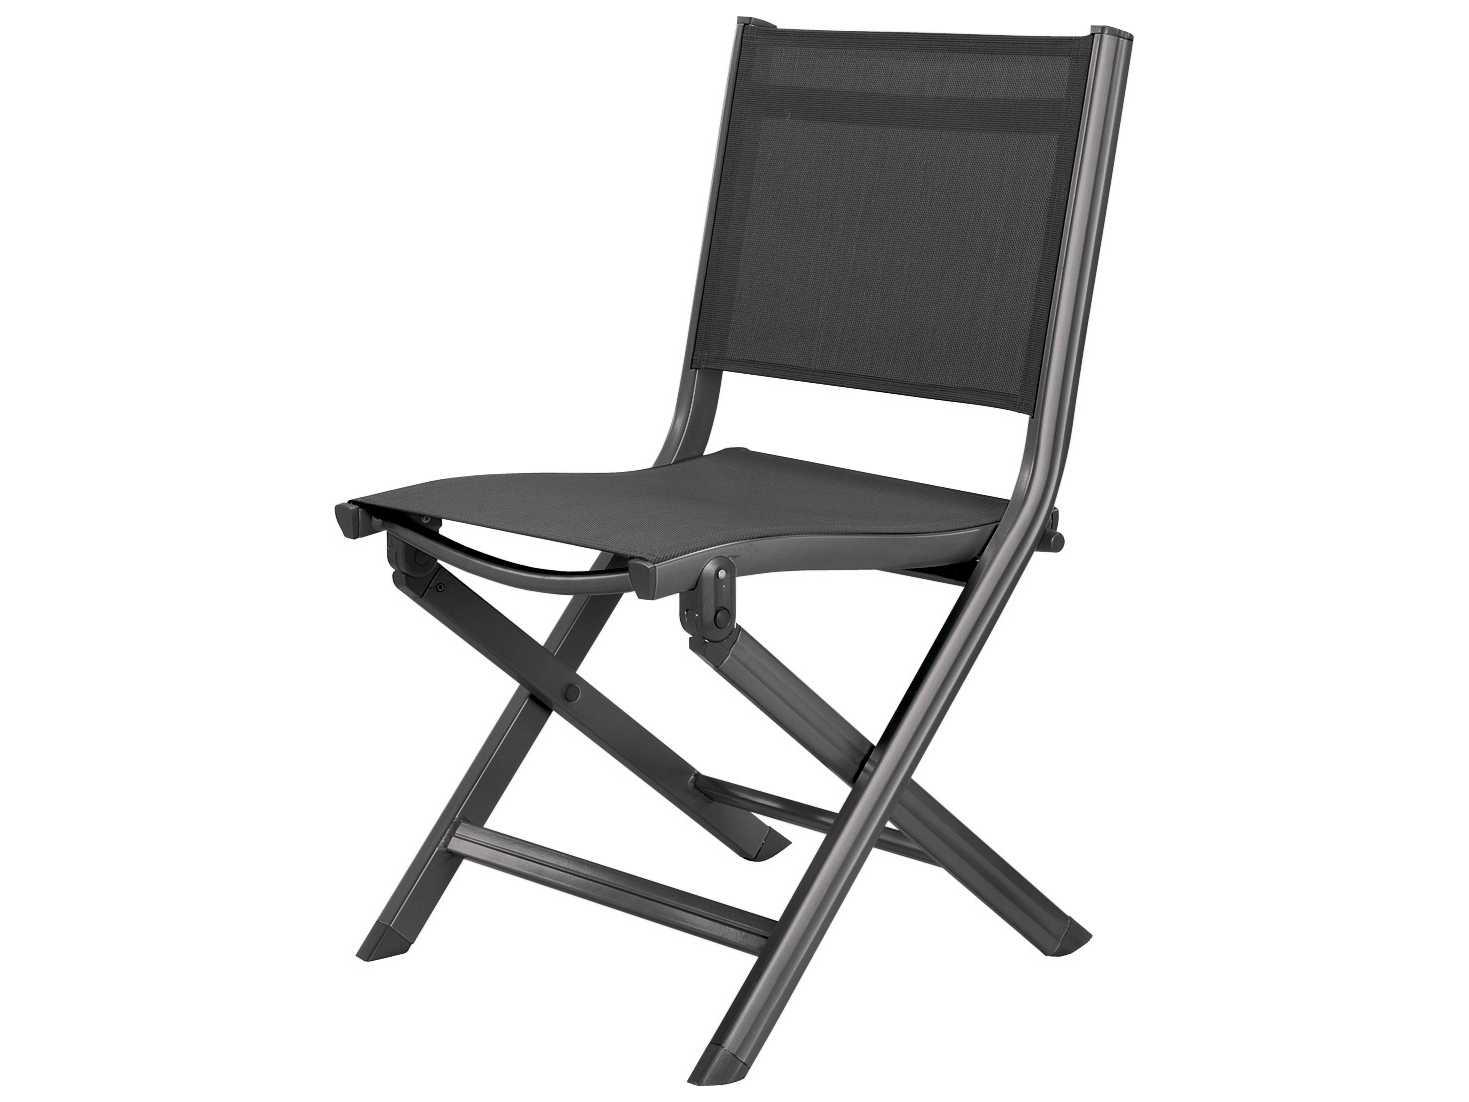 Kettler basic plus folding side chair gray gray 301218 7000 for Chaise kettler